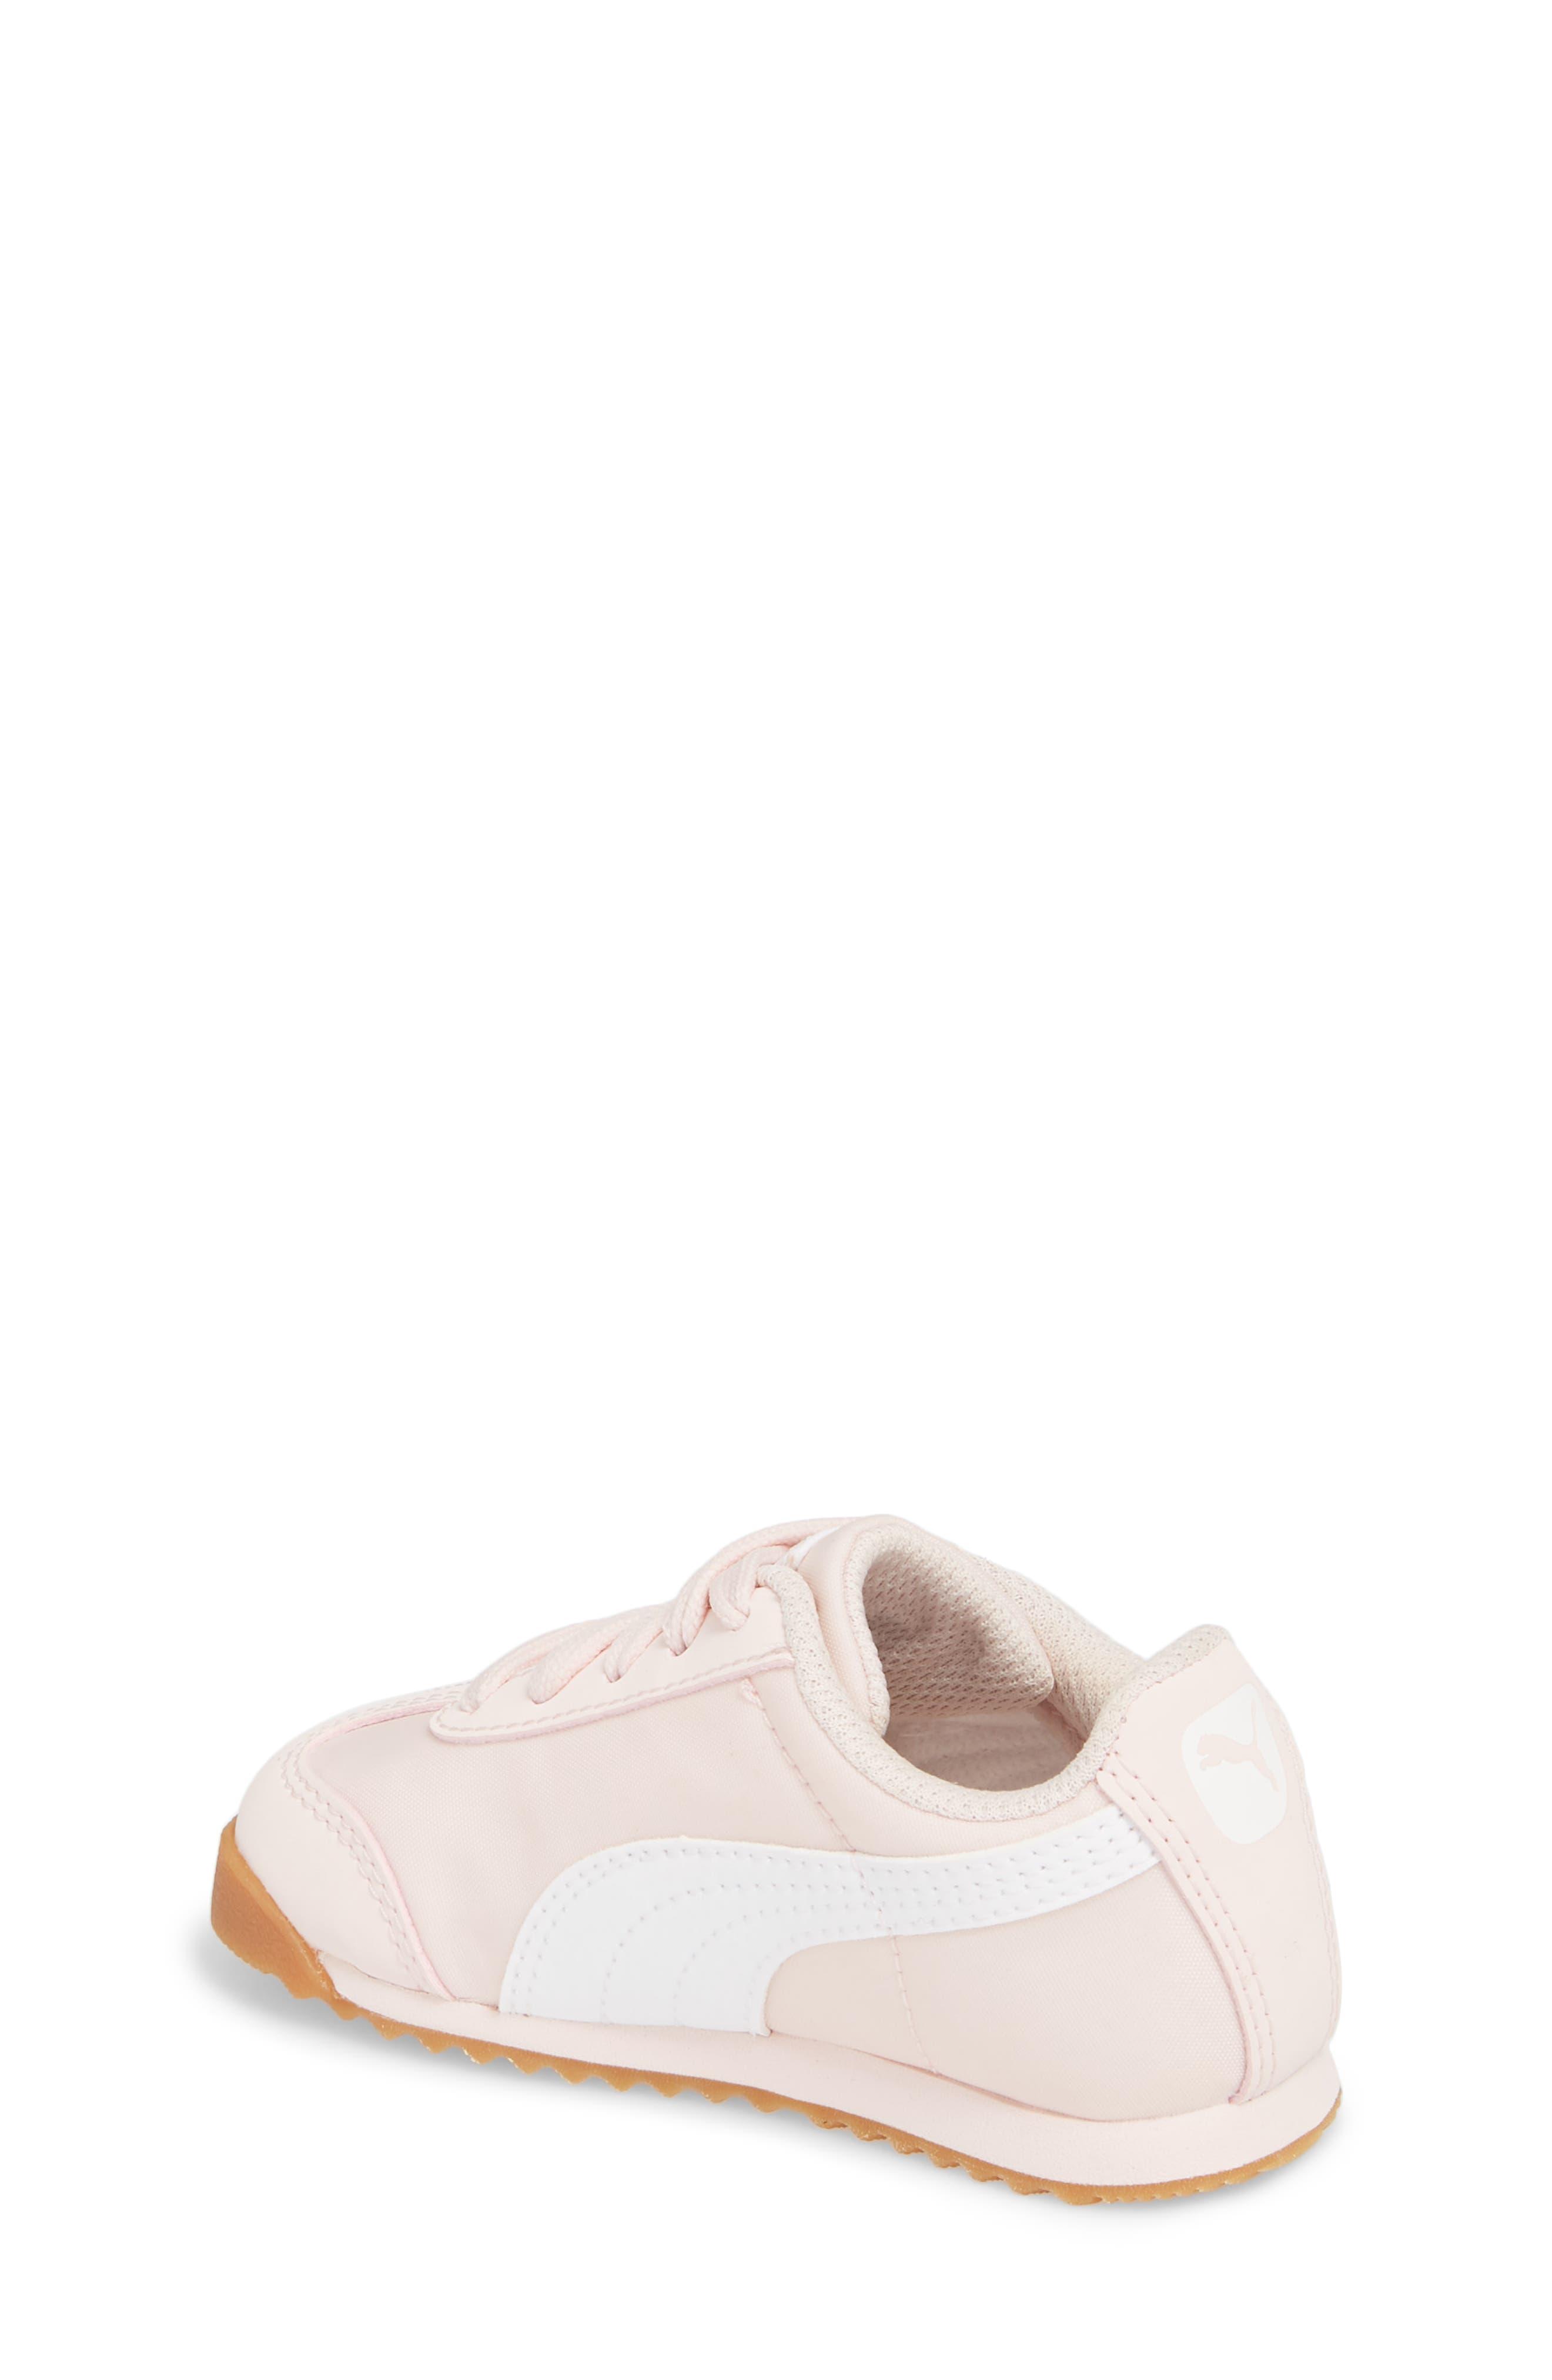 Roma Basic Summer Sneaker,                             Alternate thumbnail 2, color,                             Pearl/ White